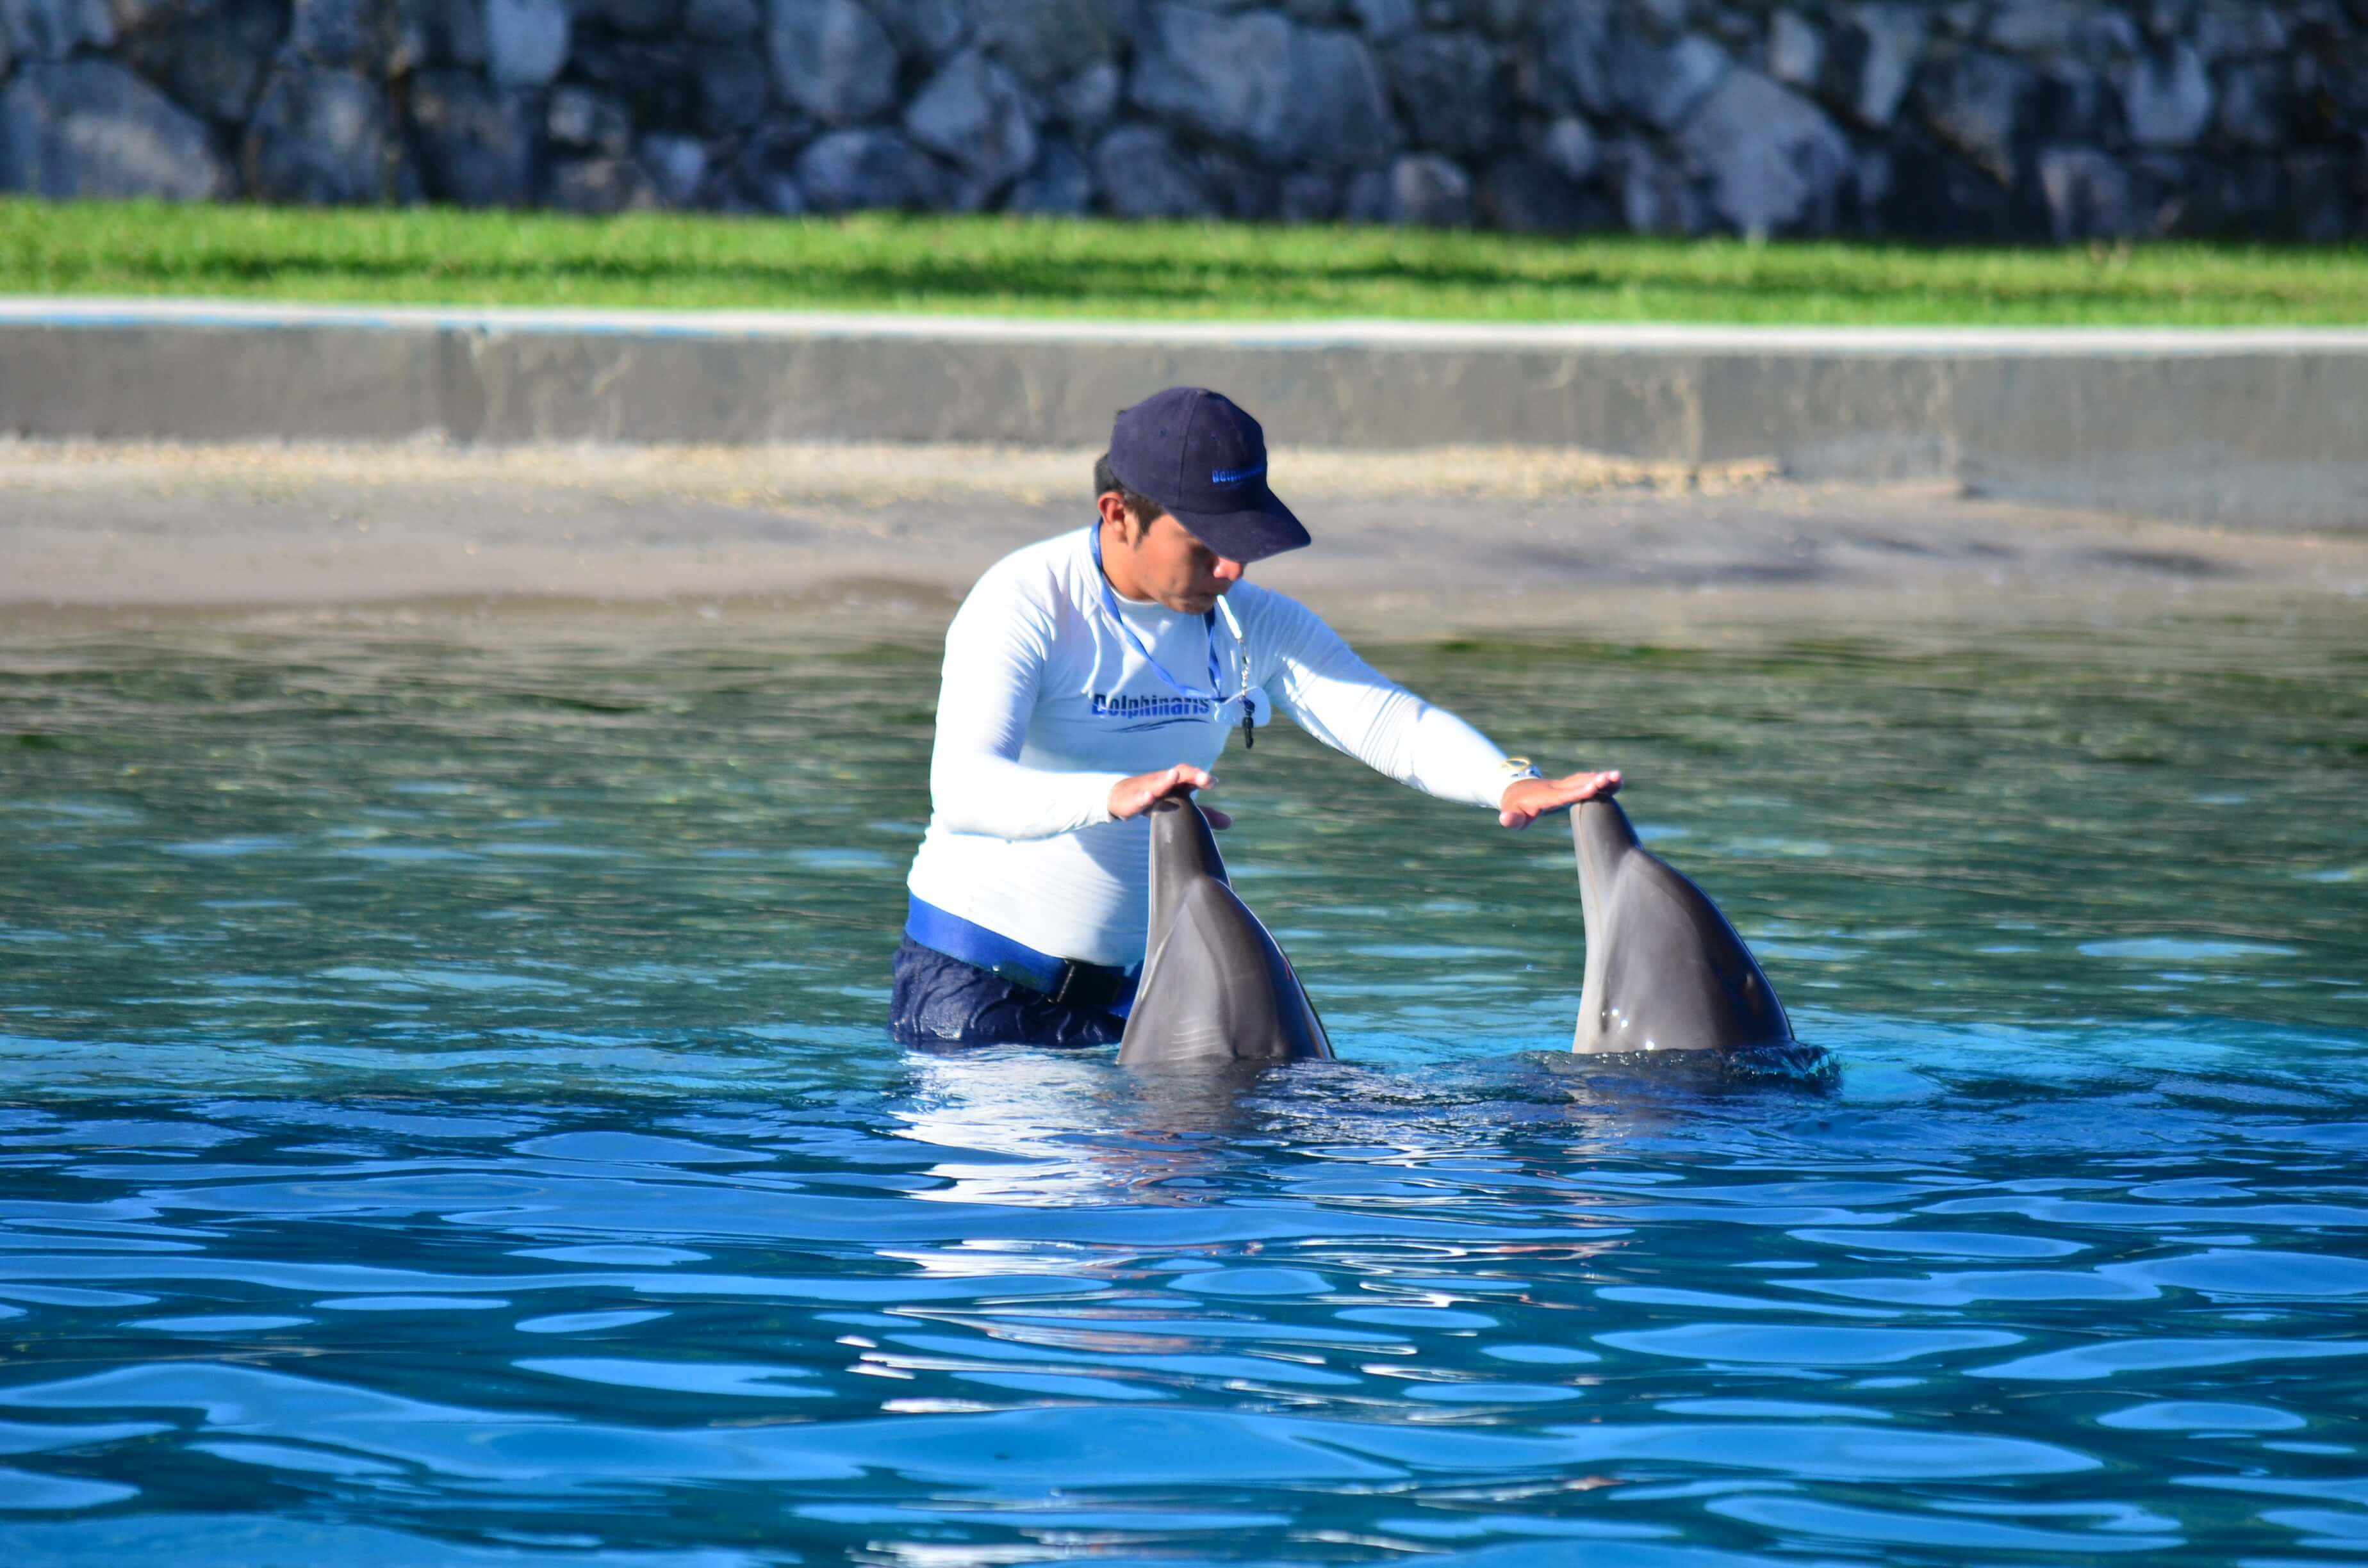 Nado con delfines en Dolphinaris: Los delfines pueden realizar muchas actividades.